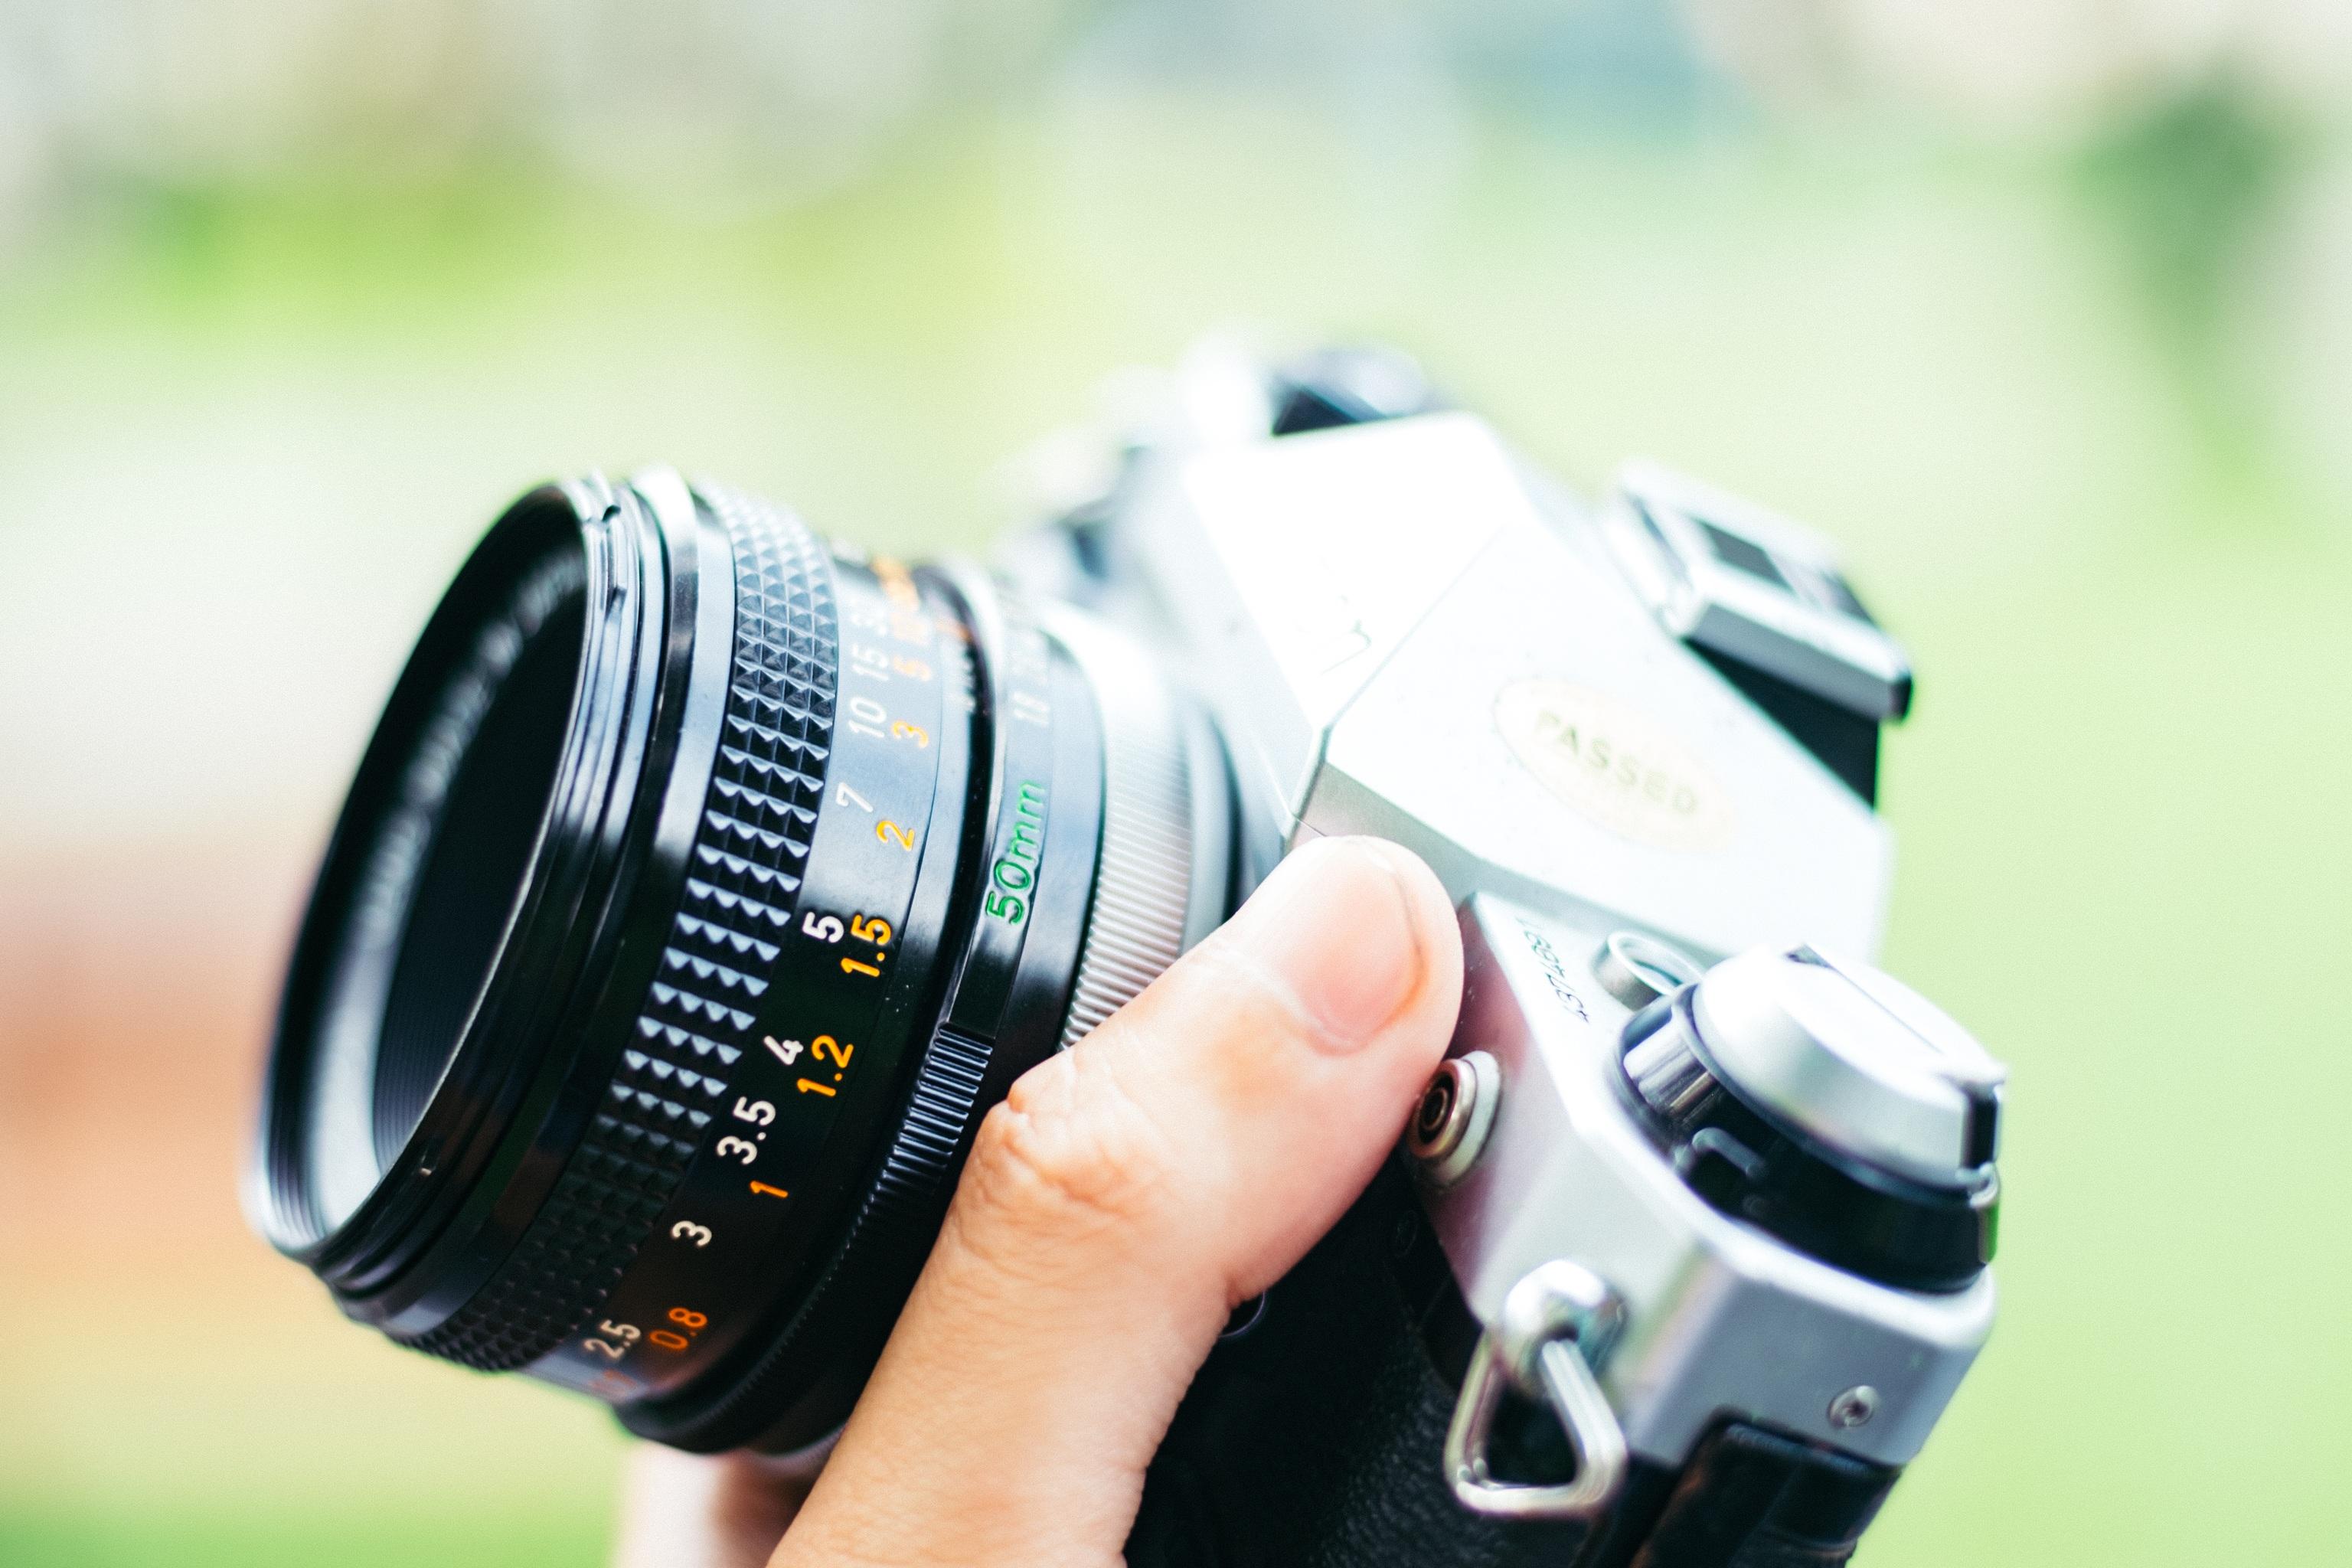 дубового лучший фотоаппарат для снимков в движении вариант для полненьких